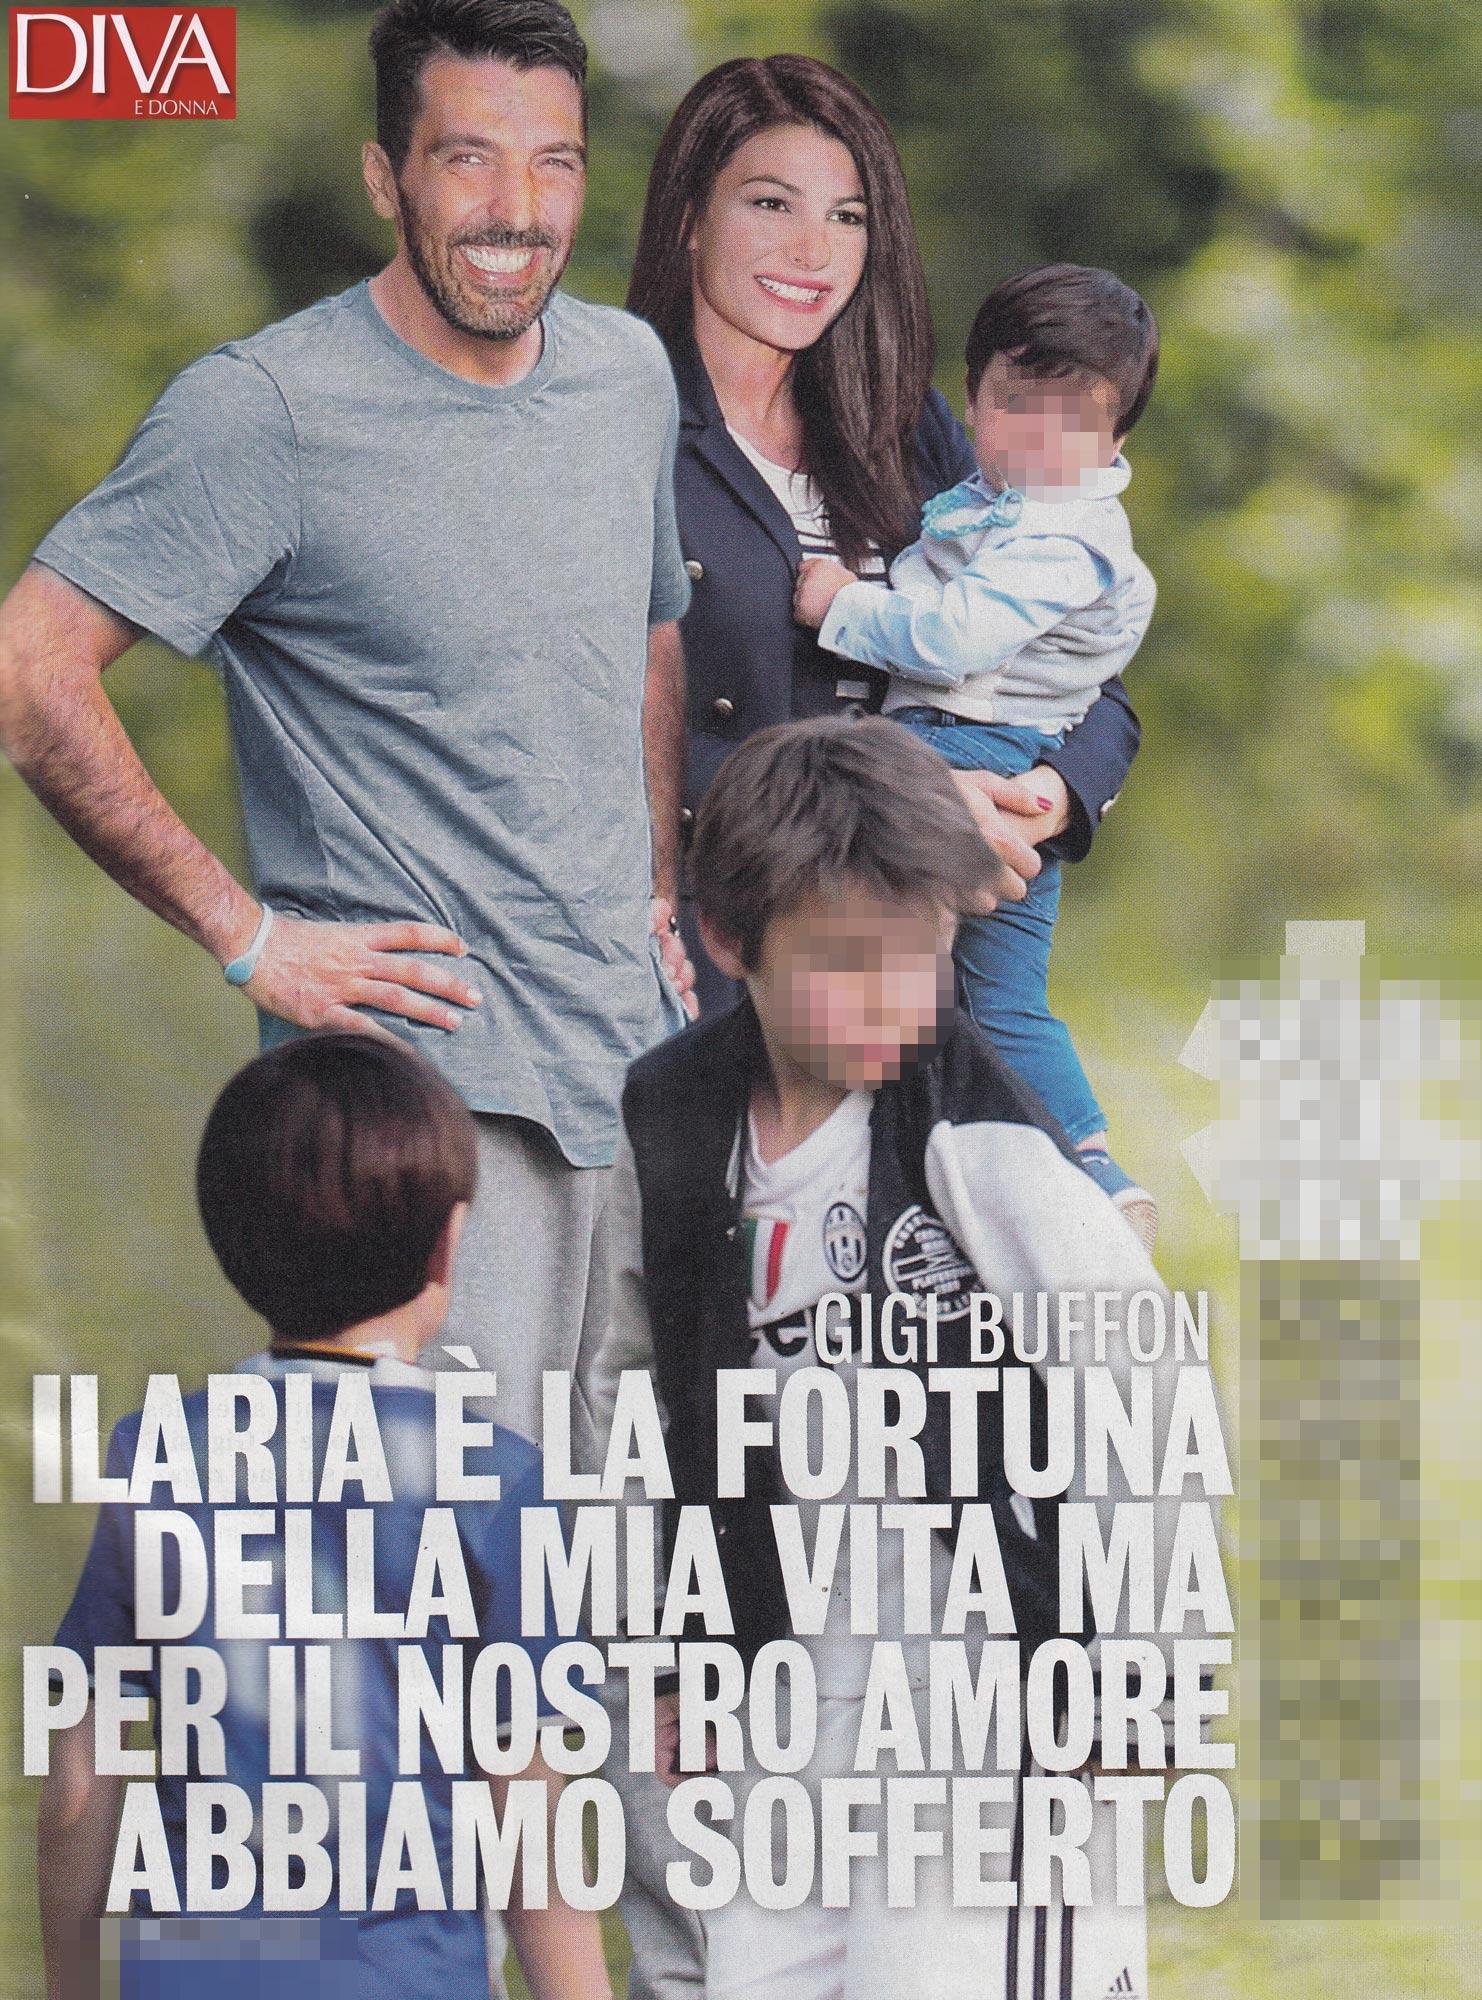 Dopo la sofferenza, Buffon si gode la sua Ilaria